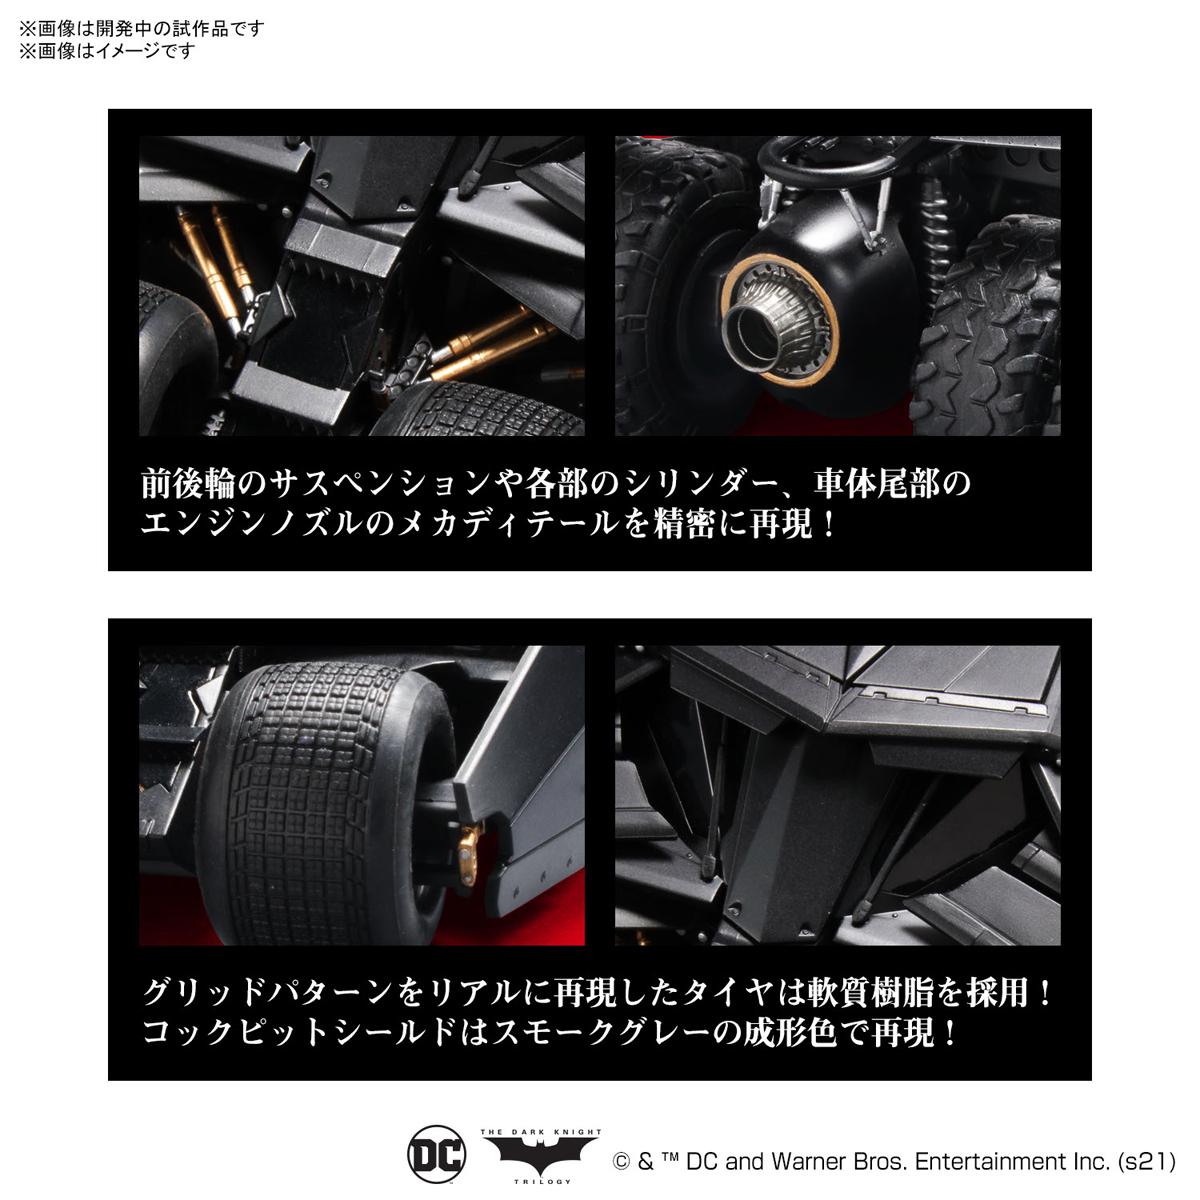 1/35 SCALE『バットモービル(バットマン ビギンズVer.)』プラモデル-003